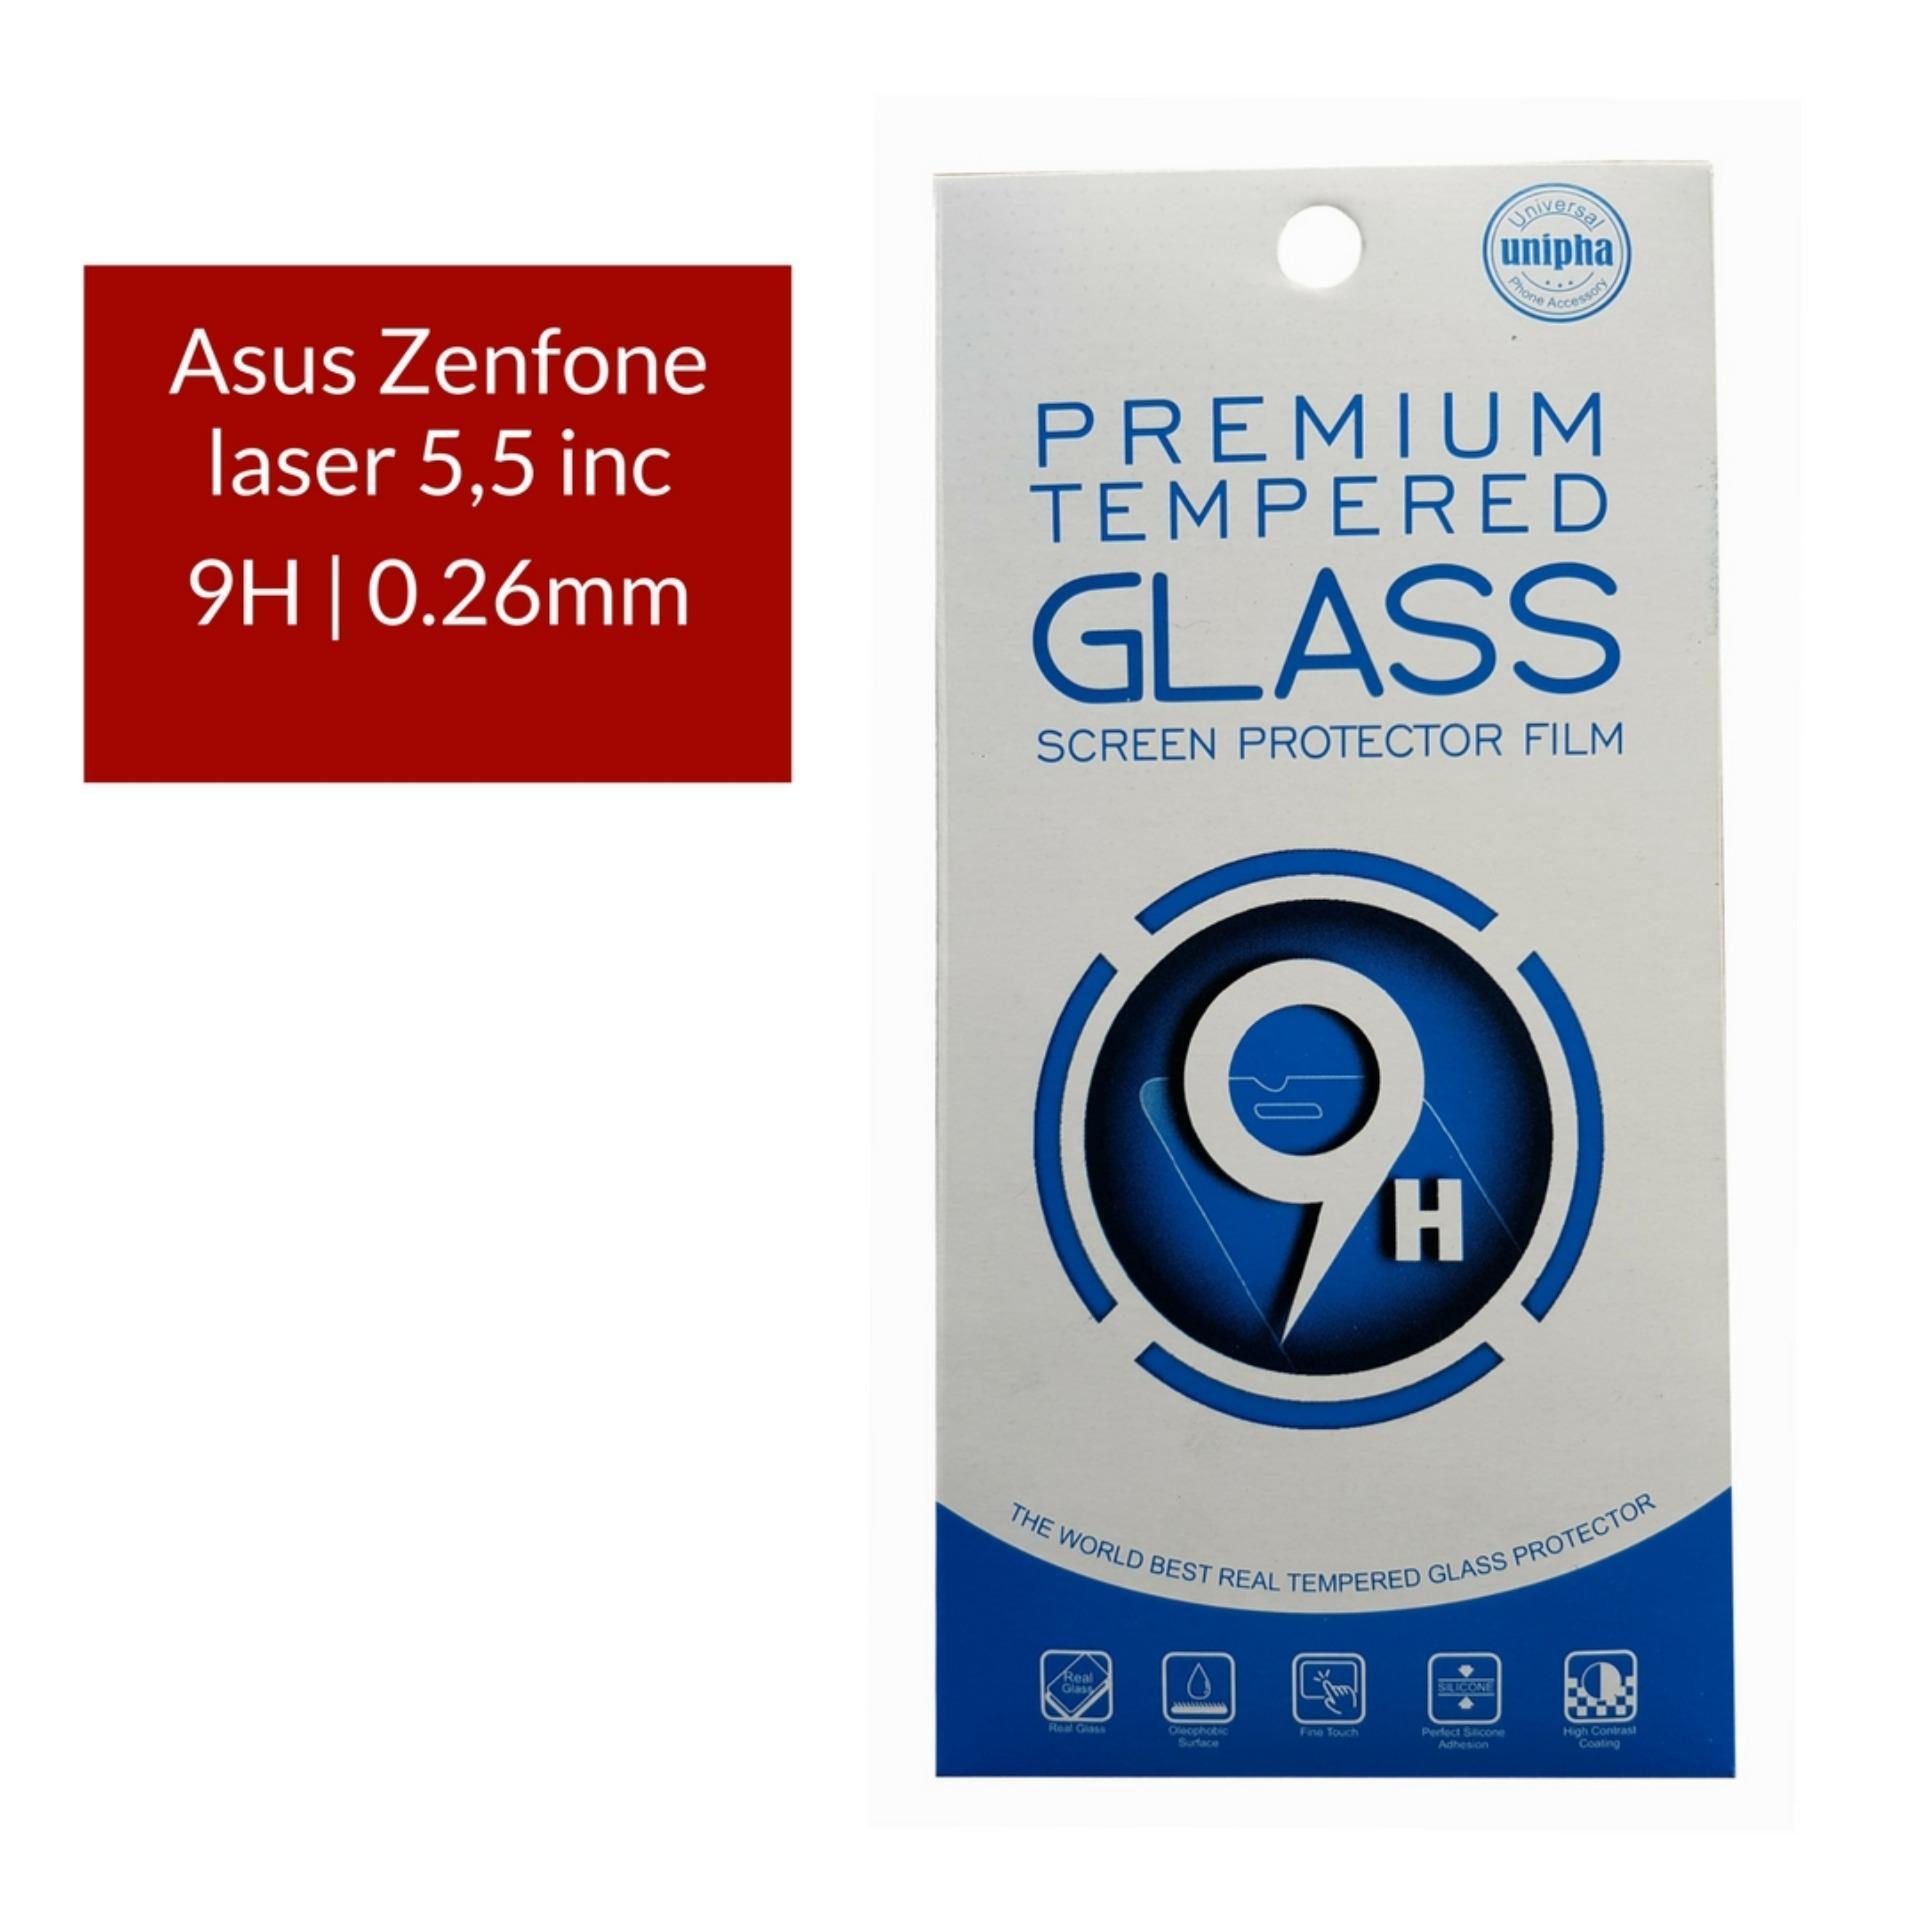 Unipha Premium Tempered Glass Screen Protector / Anti Gores Kaca Asus Zenfone laser 5,5 inc - Bening